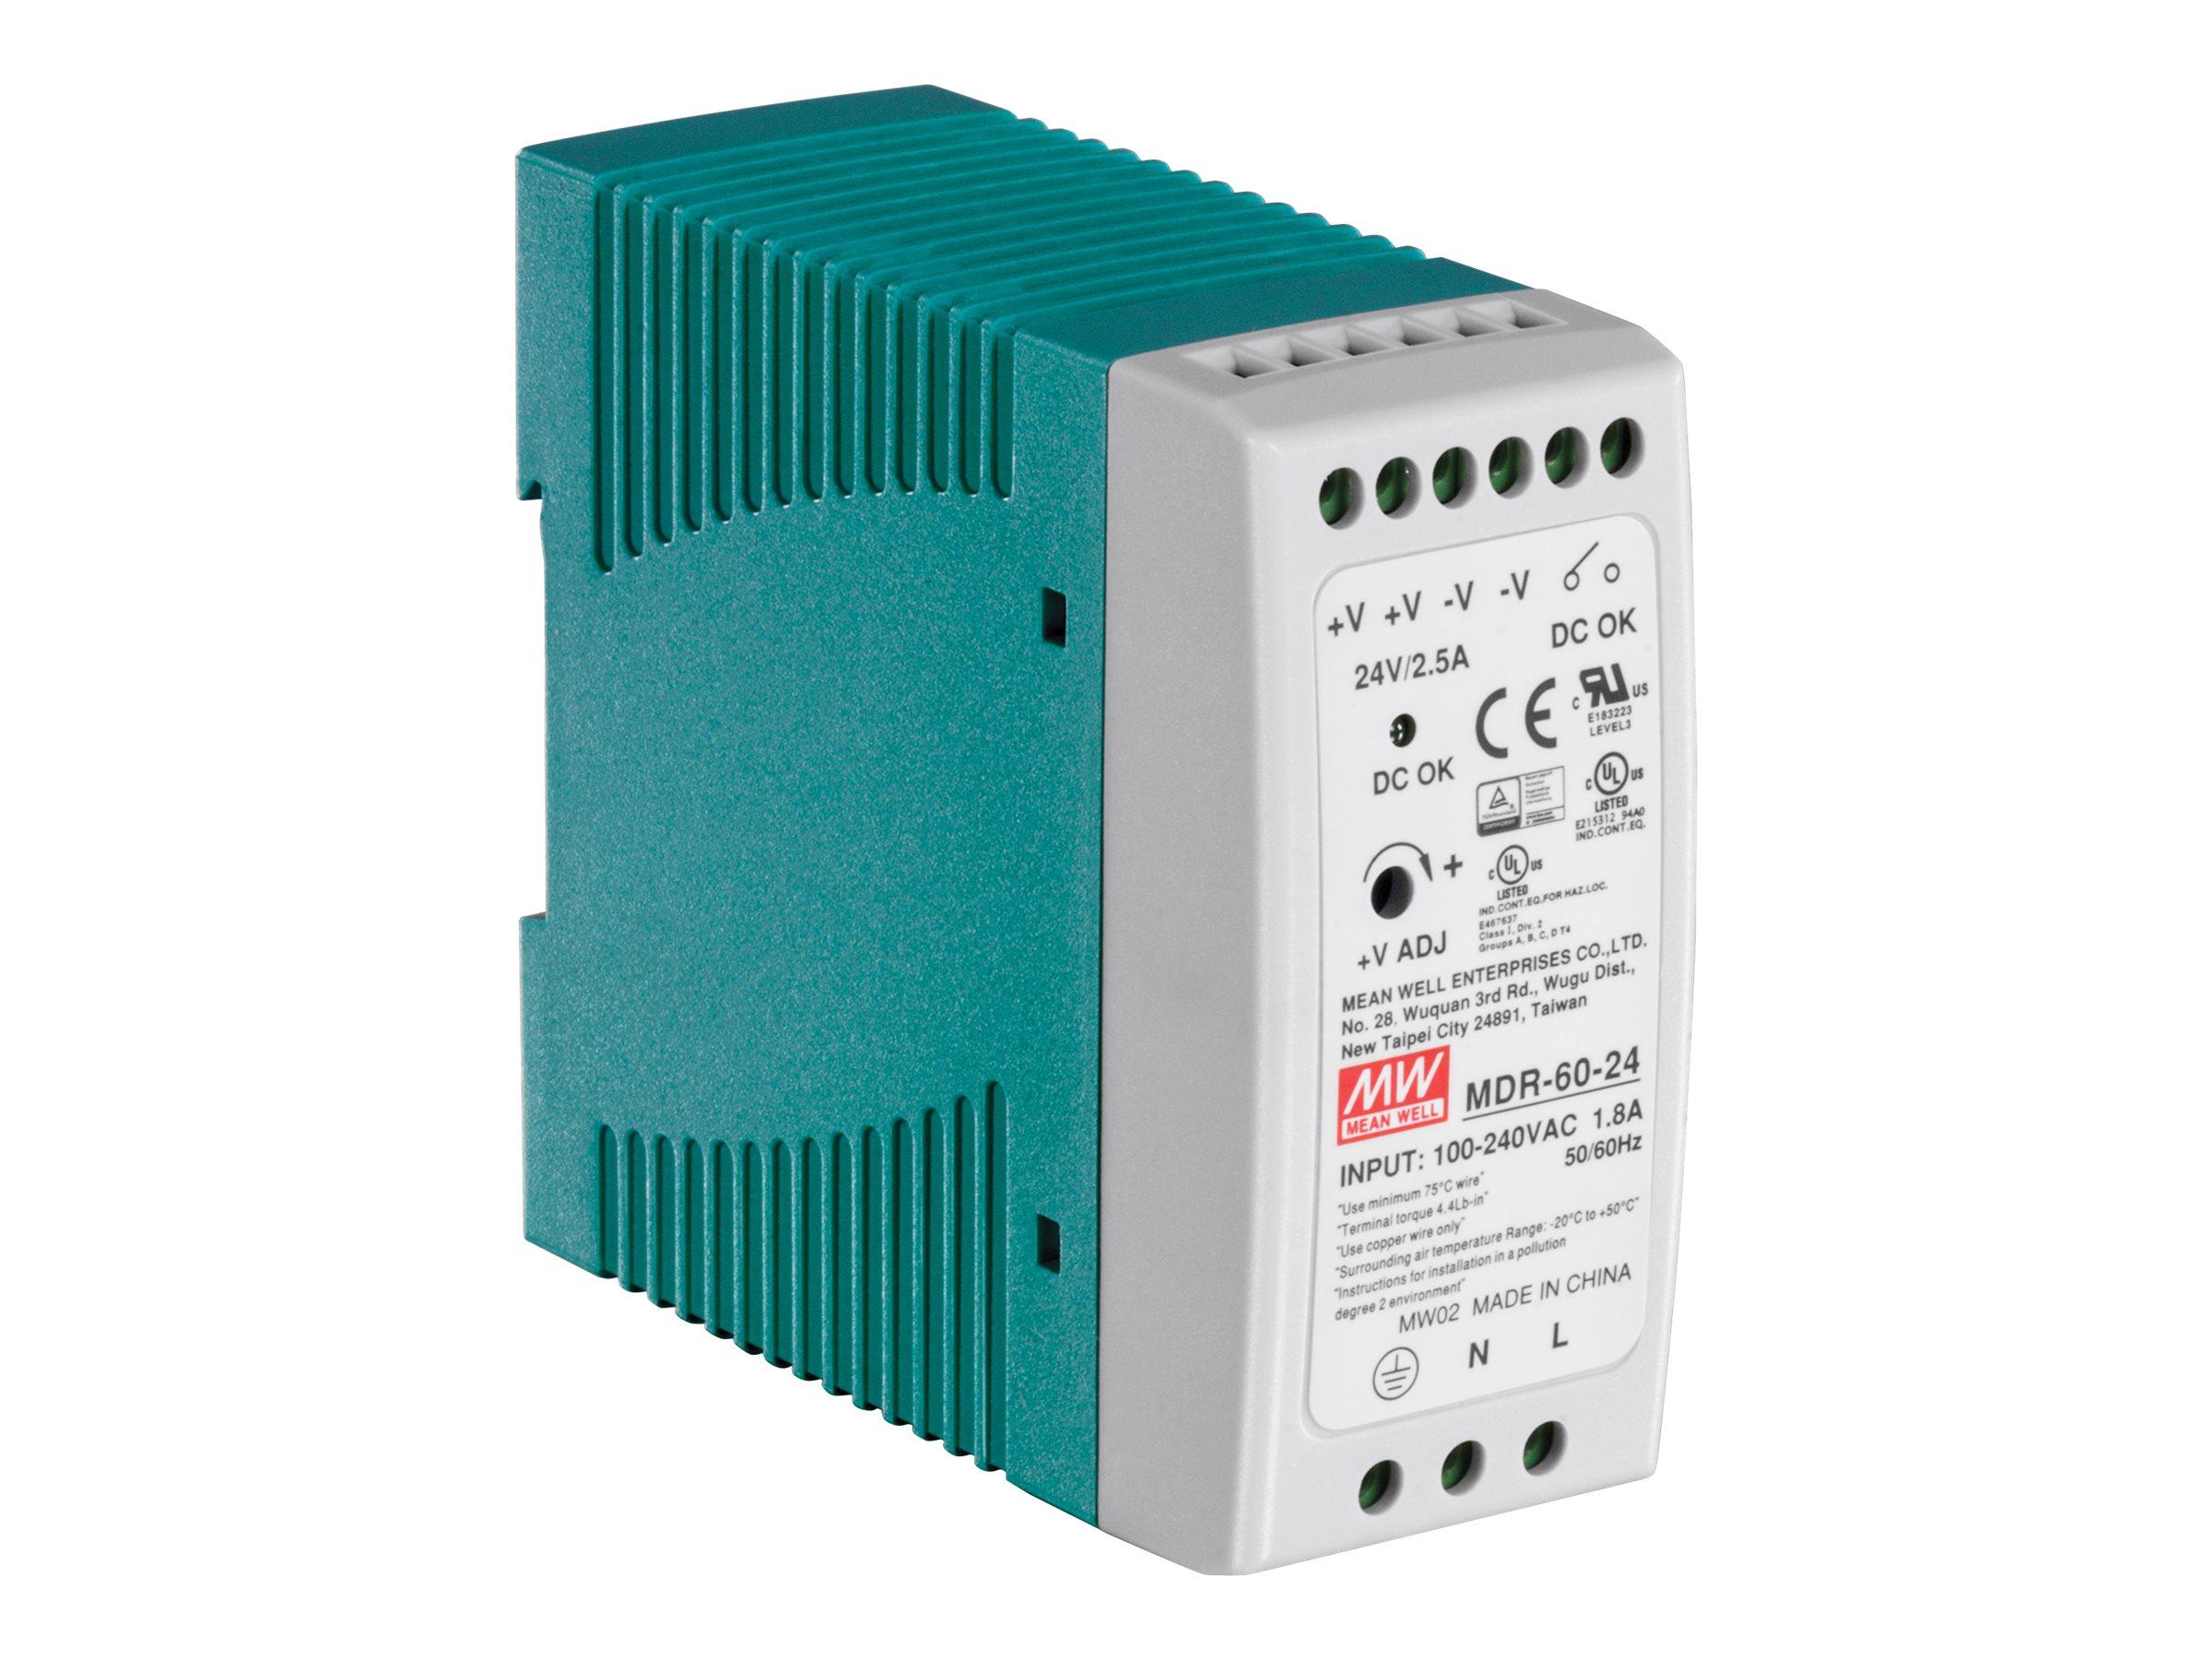 TRENDnet TI-M6024 - Stromversorgung (DIN-Schienenmontage m?glich)